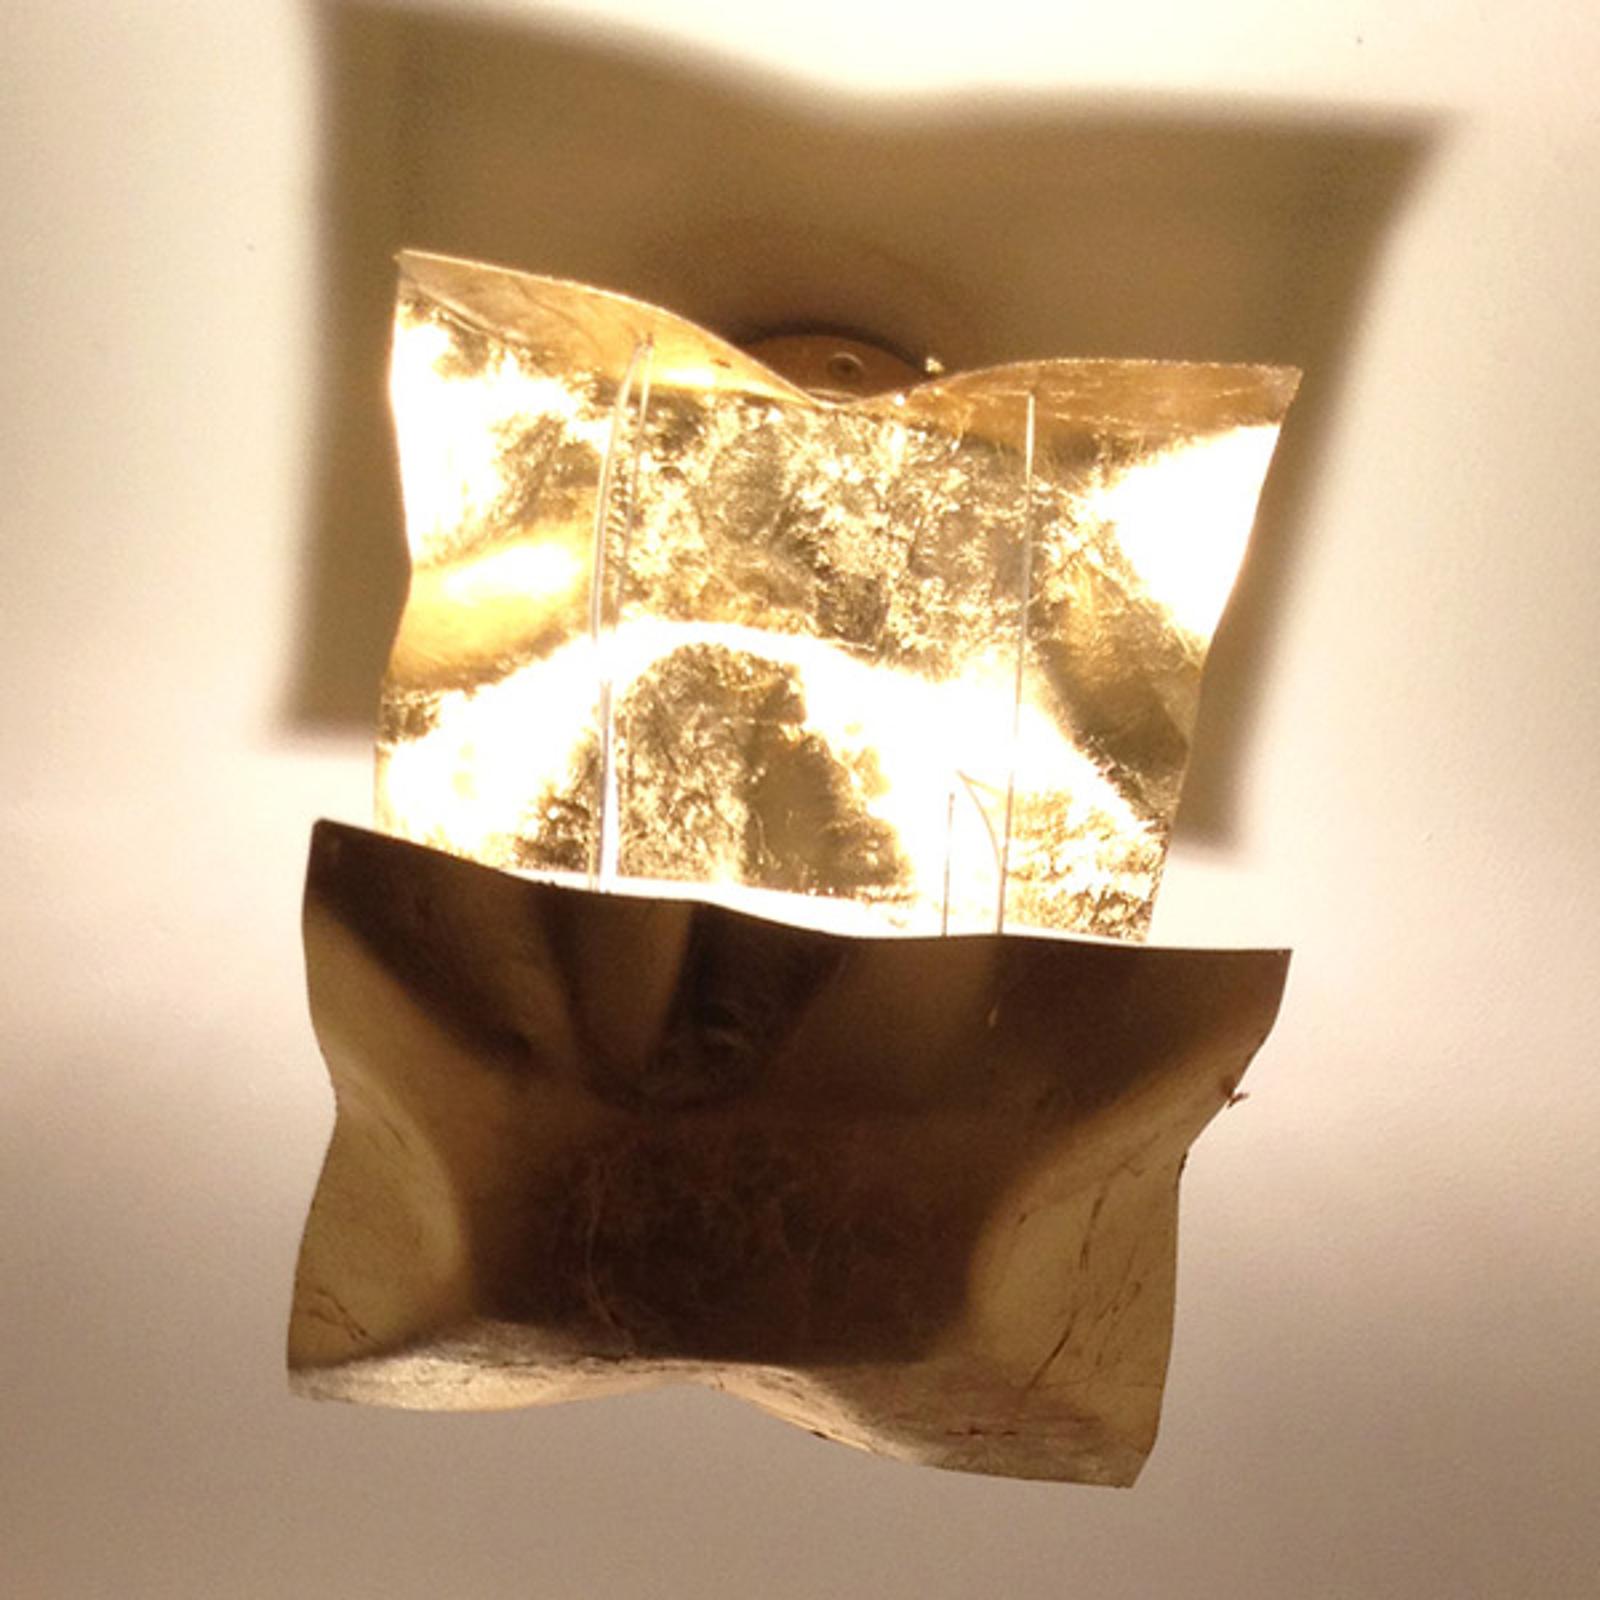 Suspension Piccola Crash dorée à la feuille